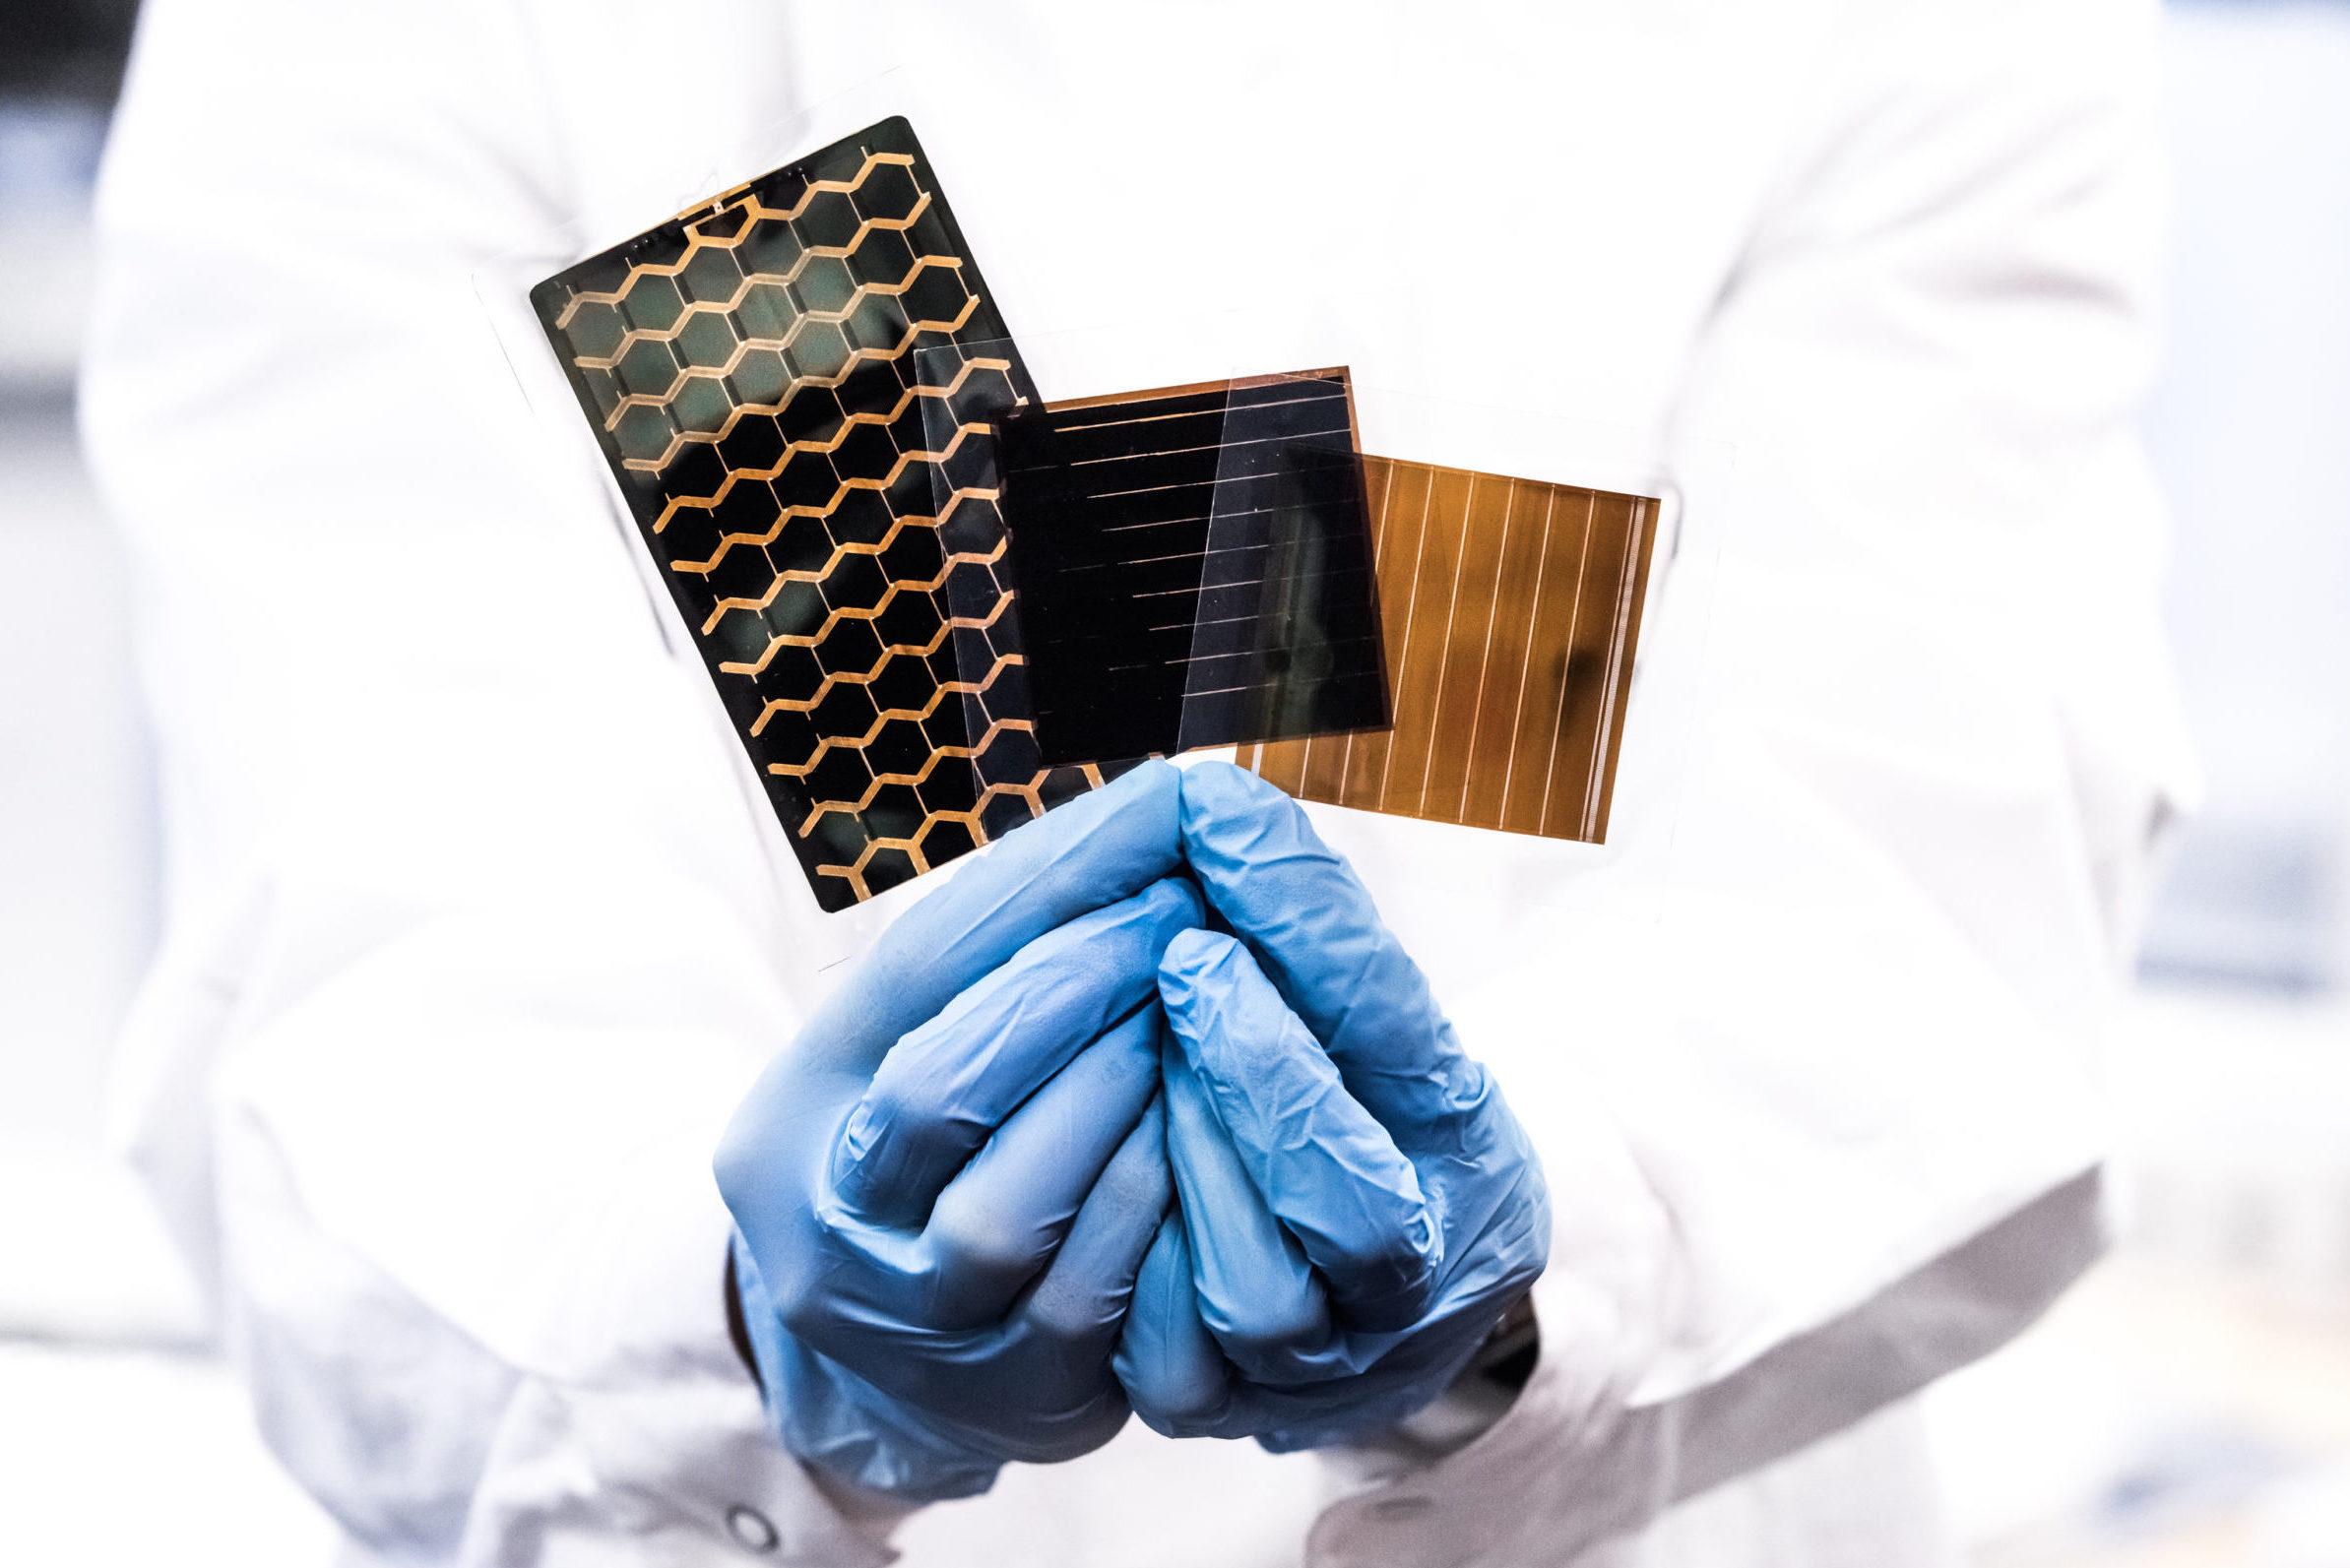 fotovoltaico in perovskite